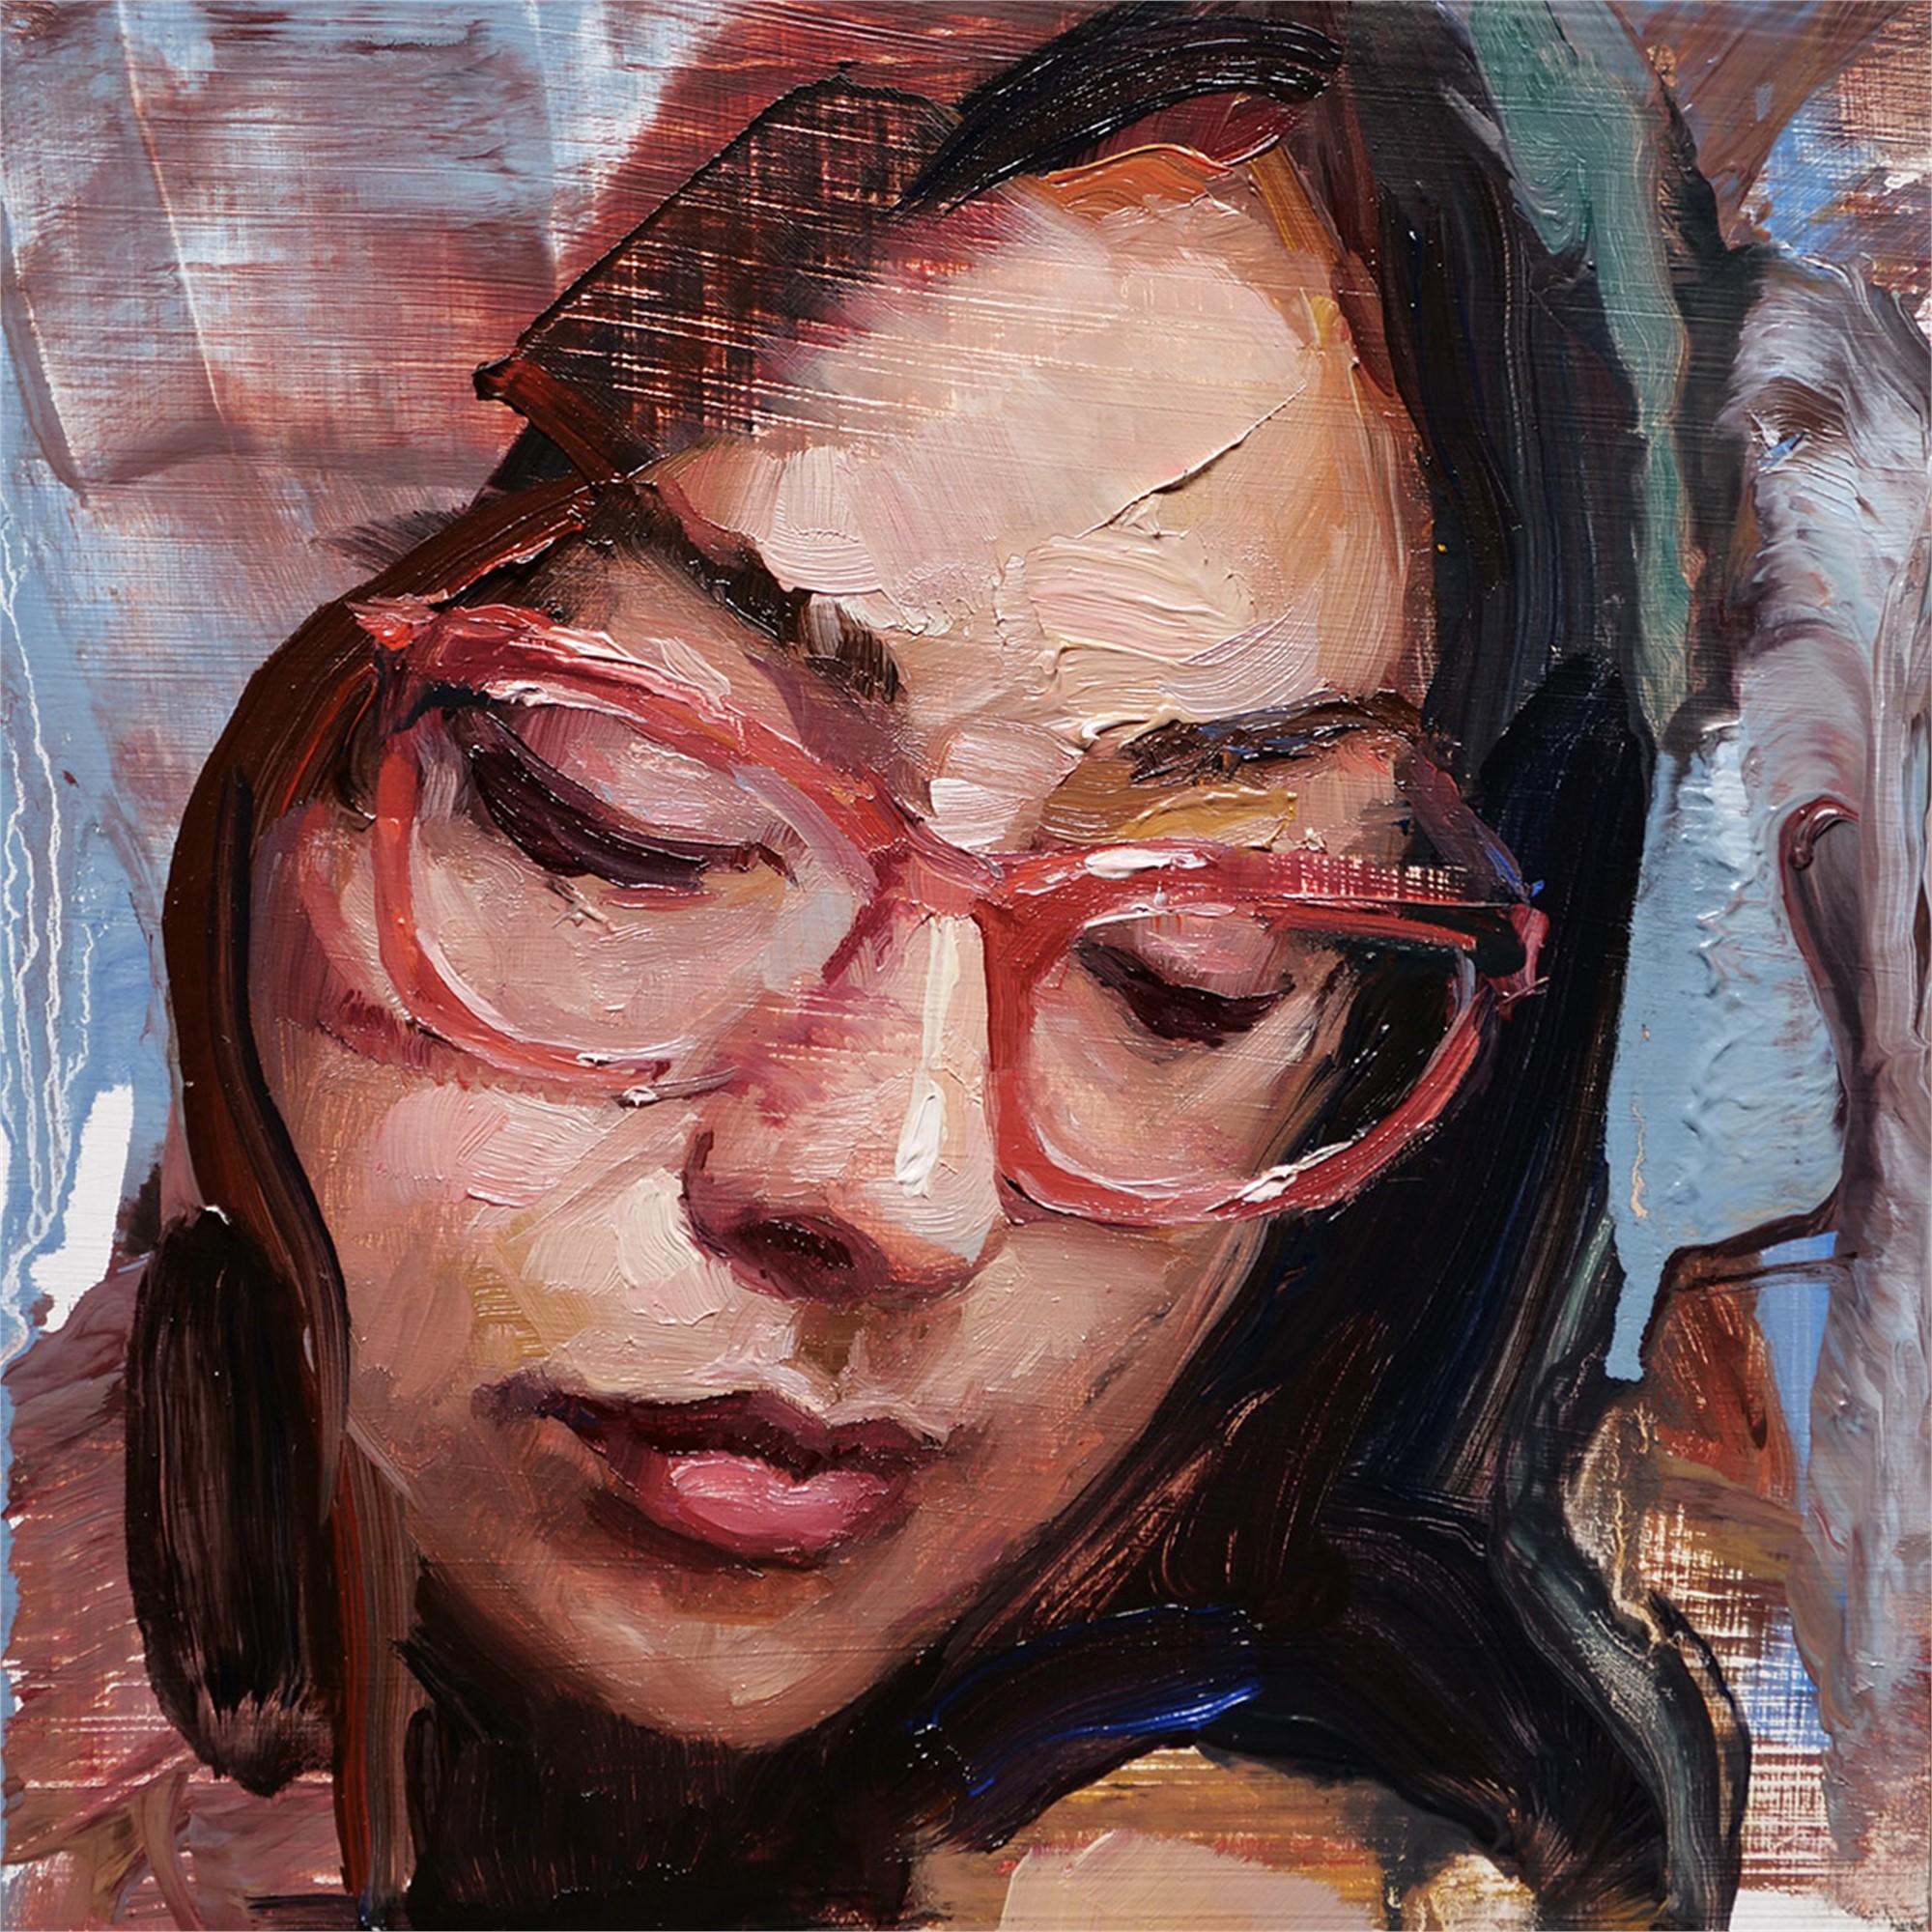 Daydream by Matt Talbert